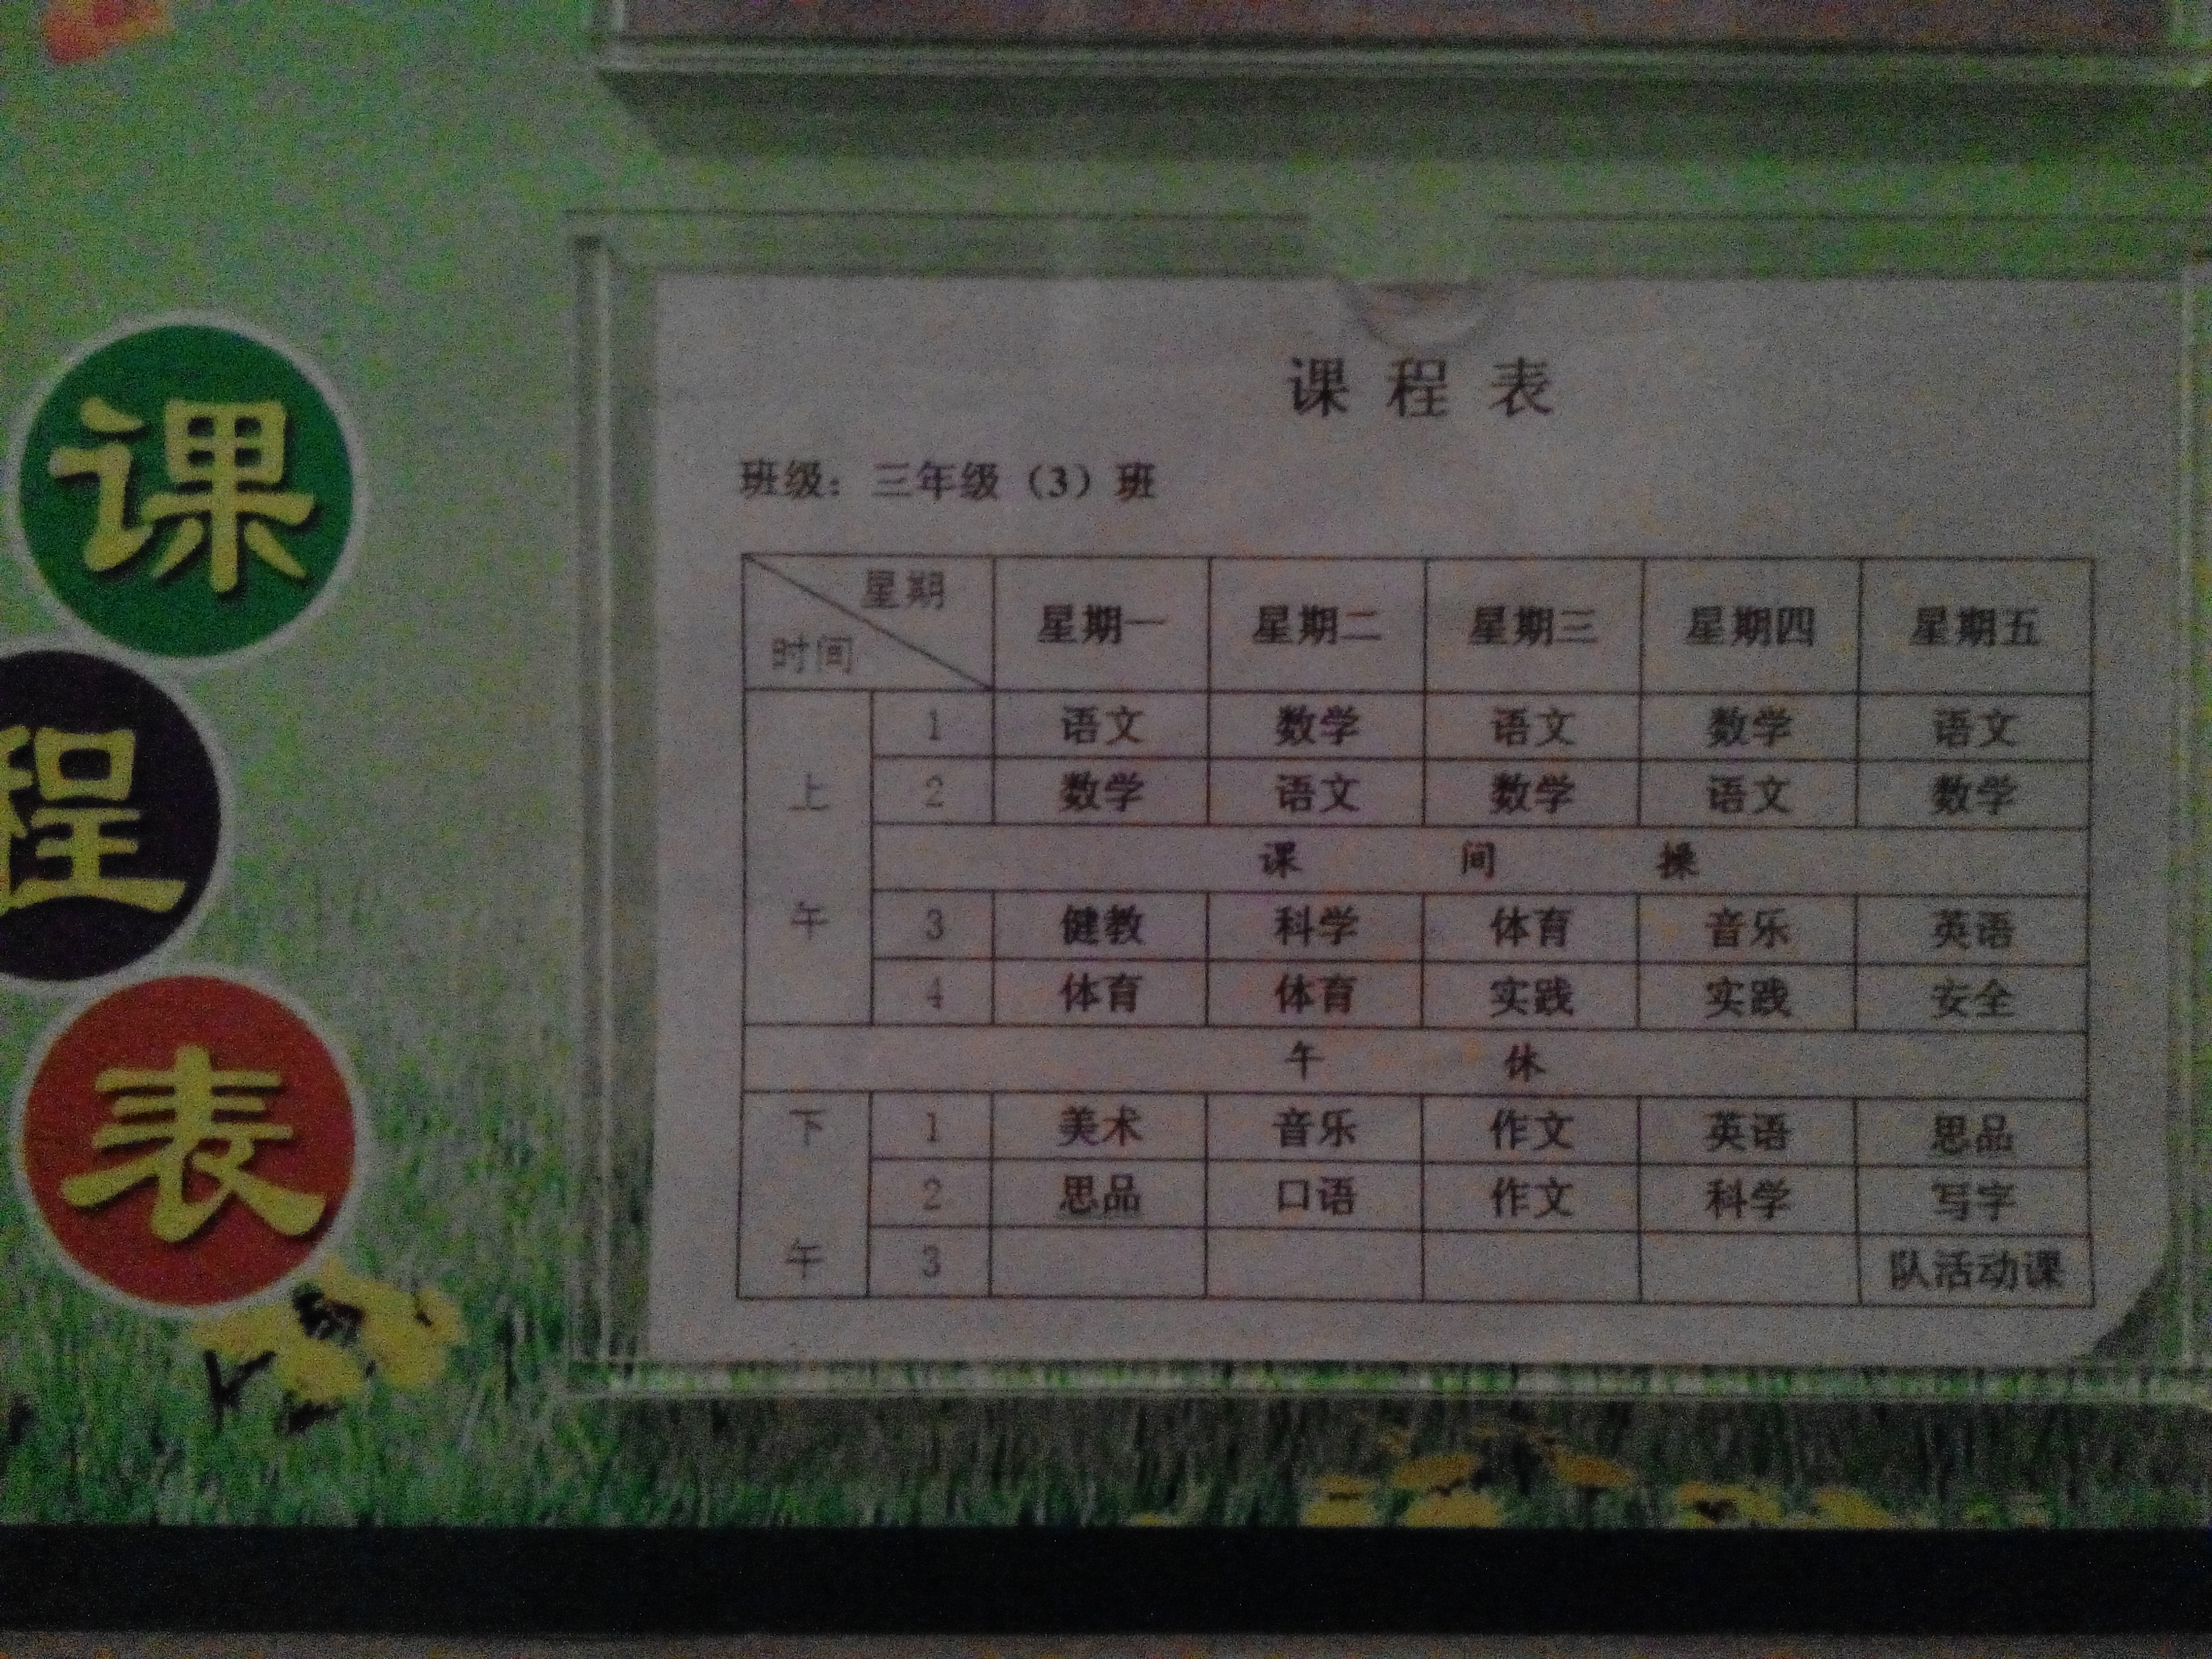 联盟路小学三年级班级课程表